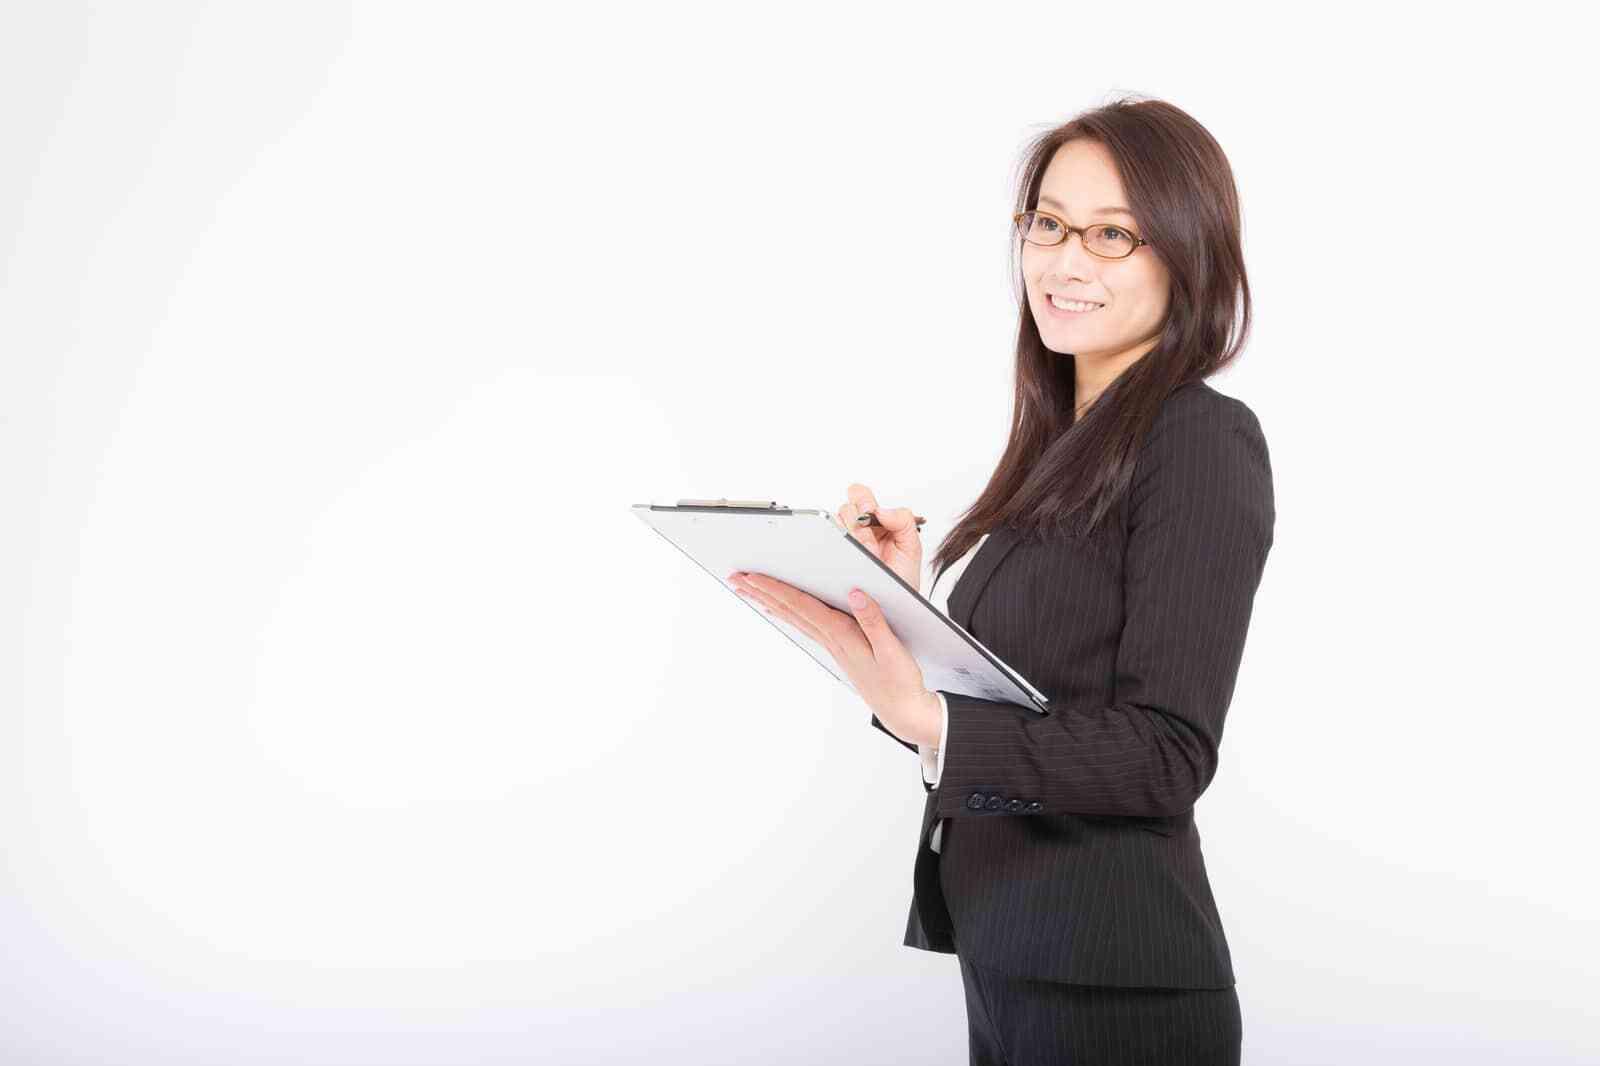 就活の軸とは-企業が面接で聞く理由とは-